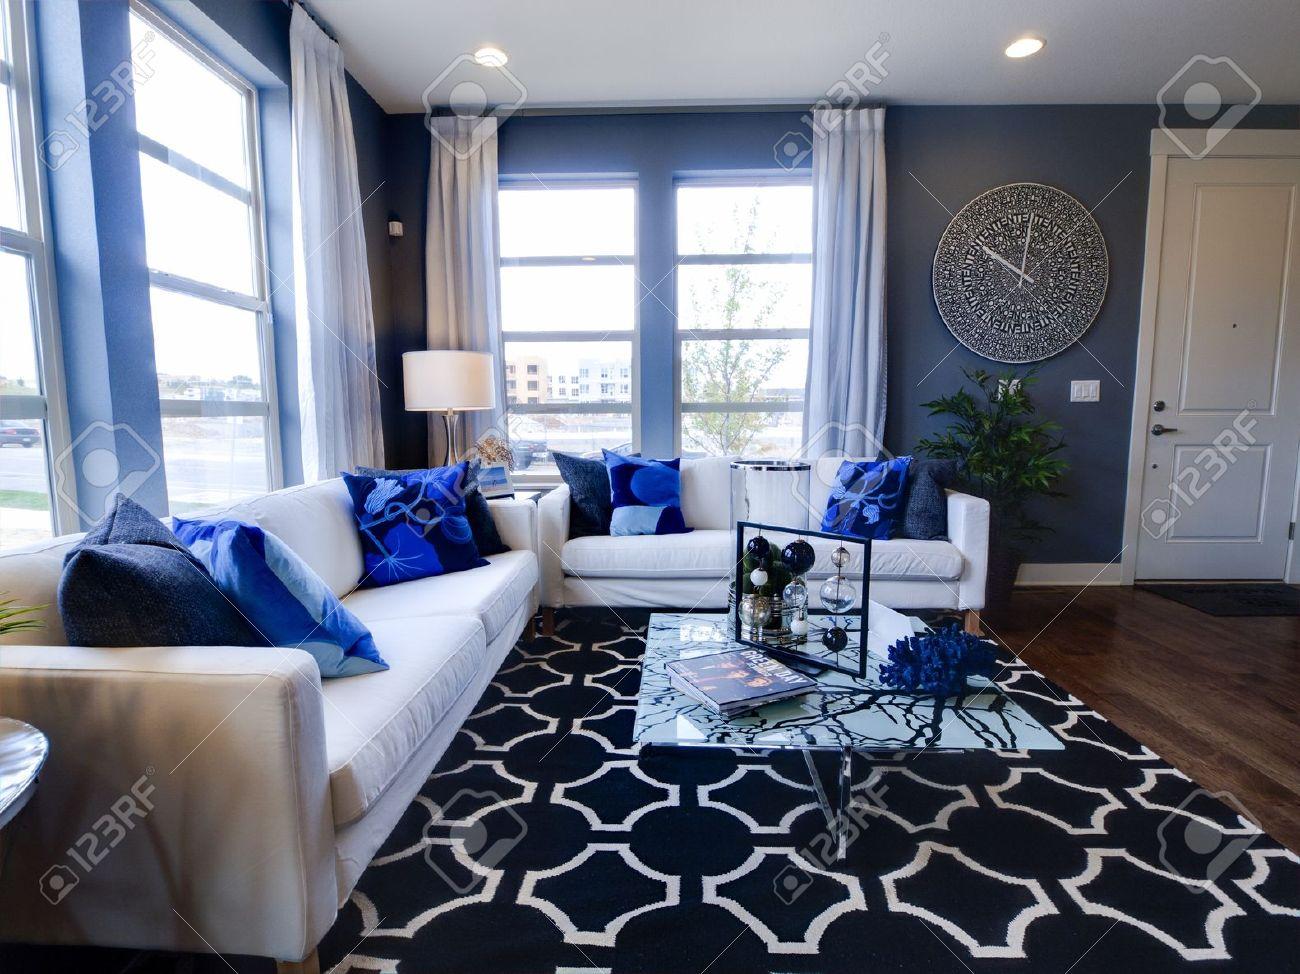 soggiorno moderno con divano e tavolo da caffè. foto royalty free ... - Soggiorno Moderno